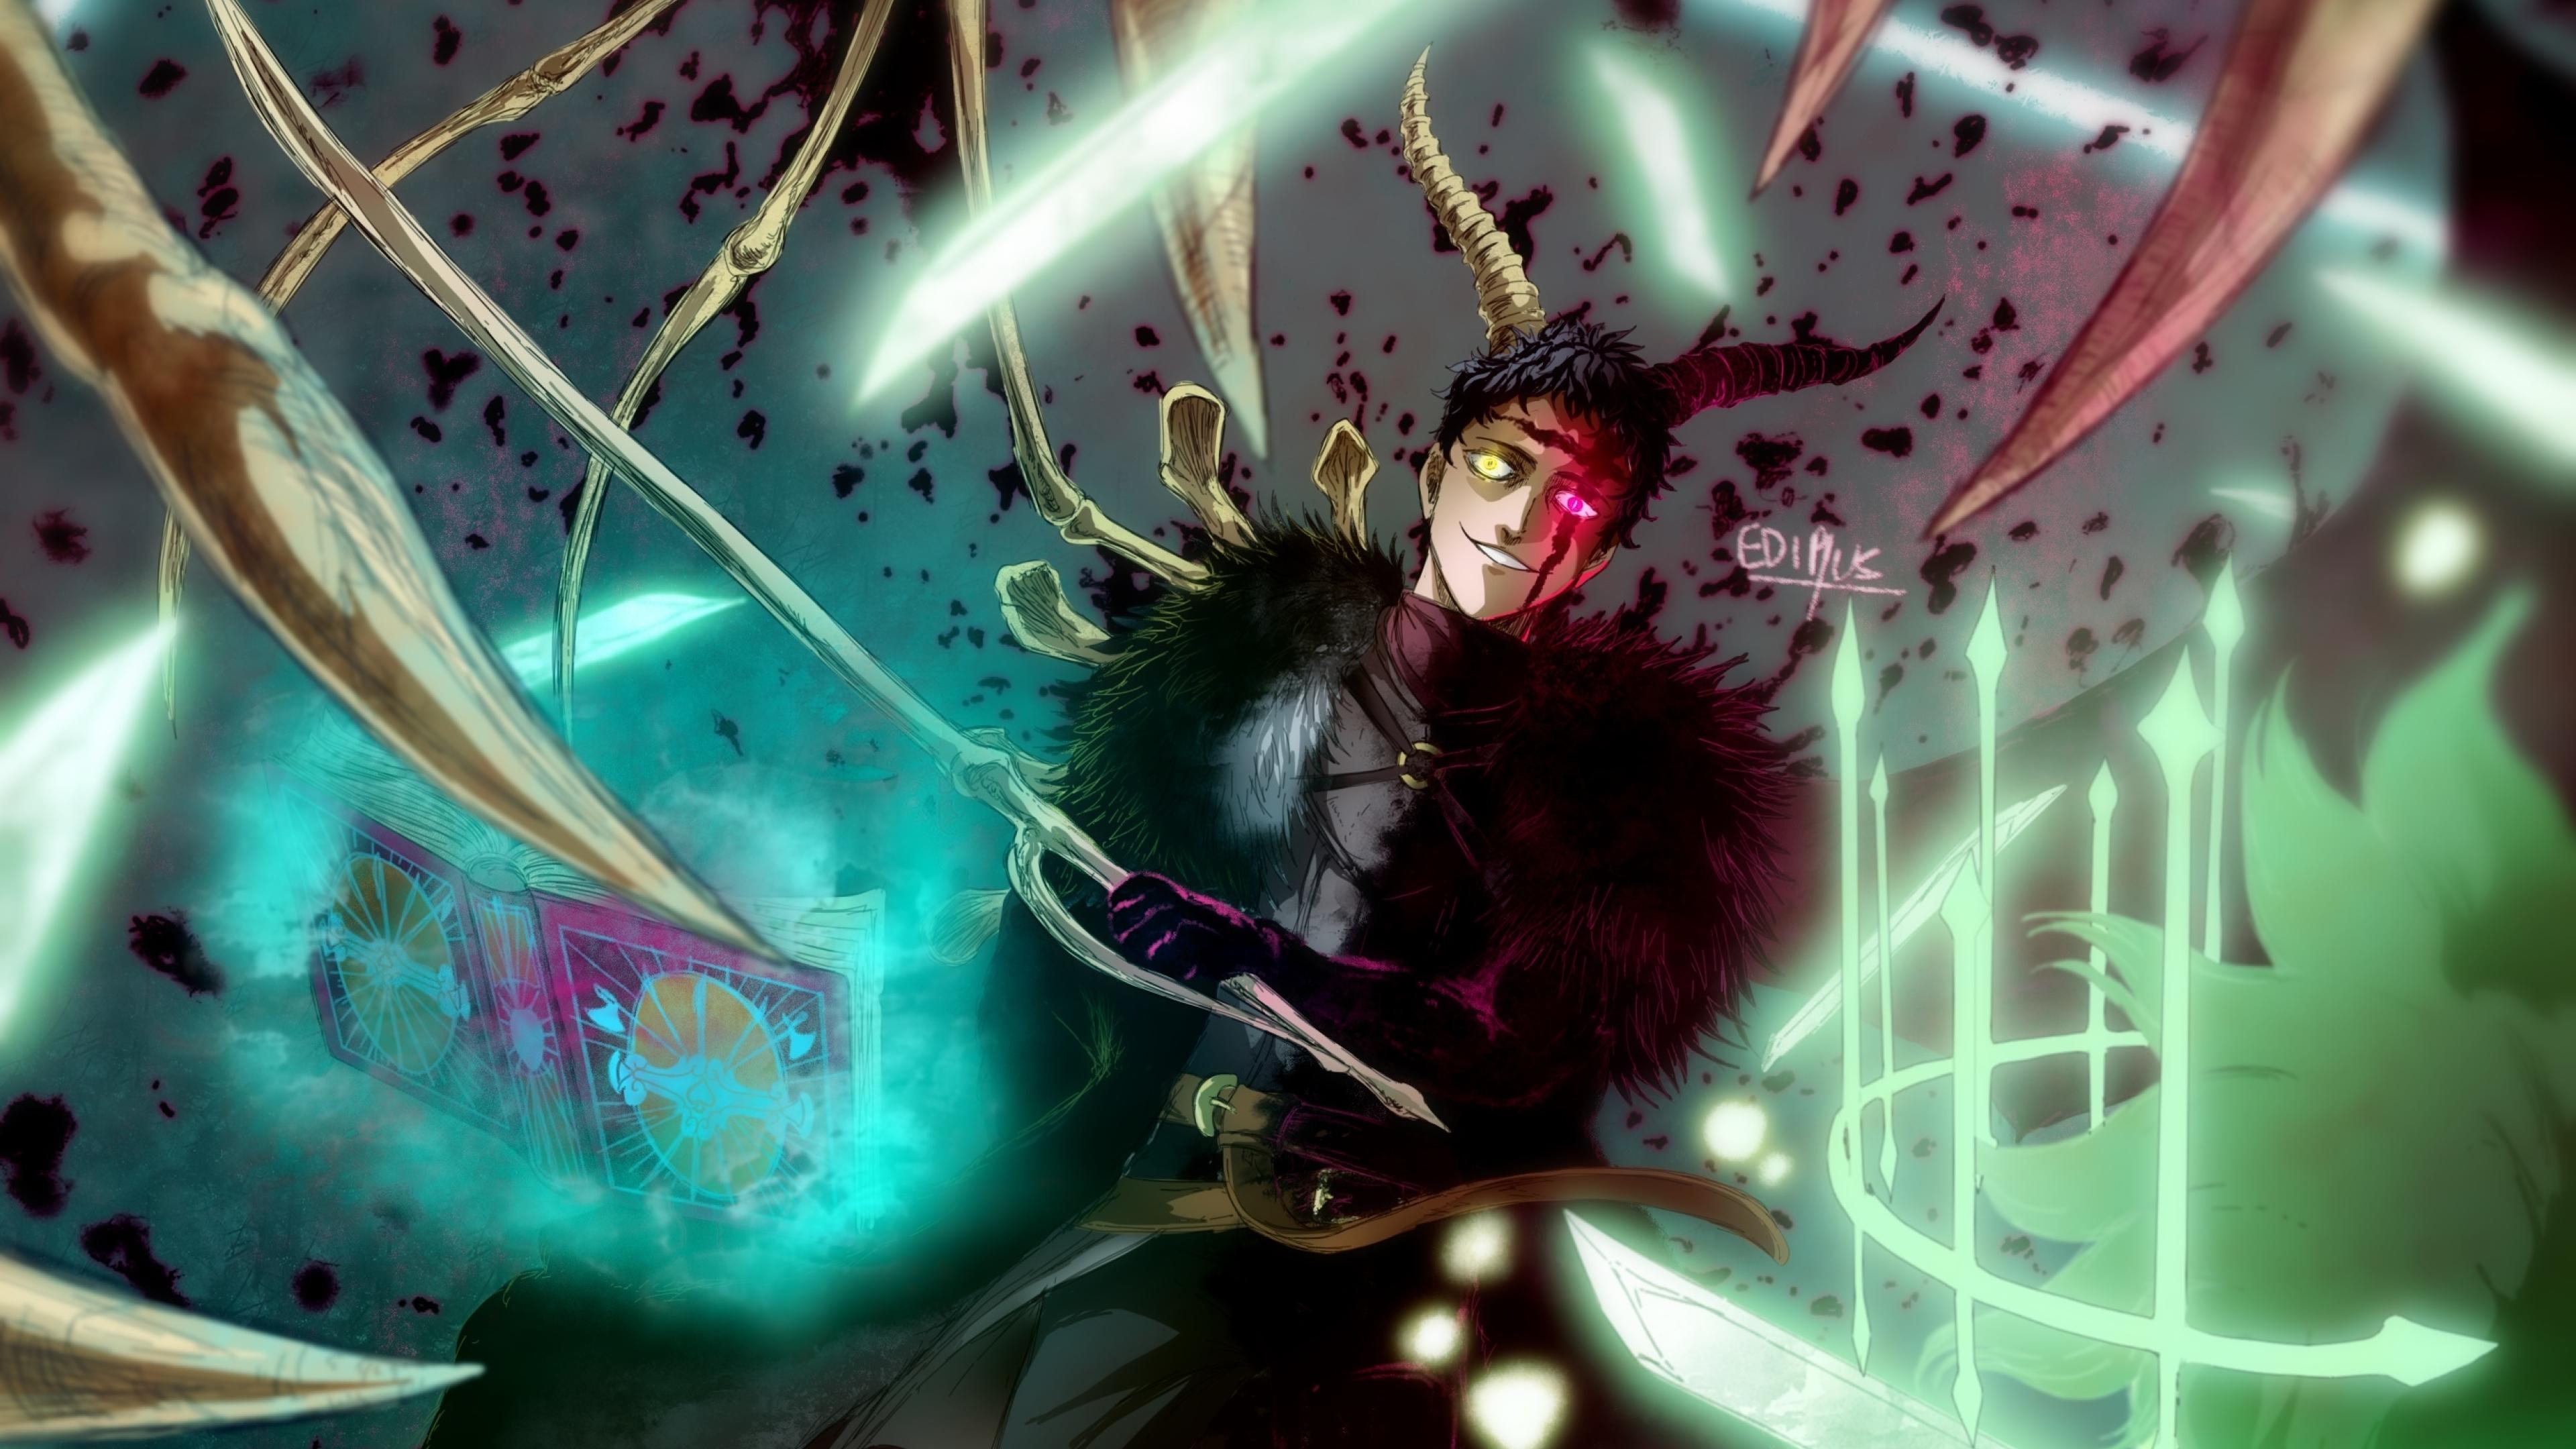 3840x2160 Zenon from Black Clover 4K Wallpaper, HD Anime ...